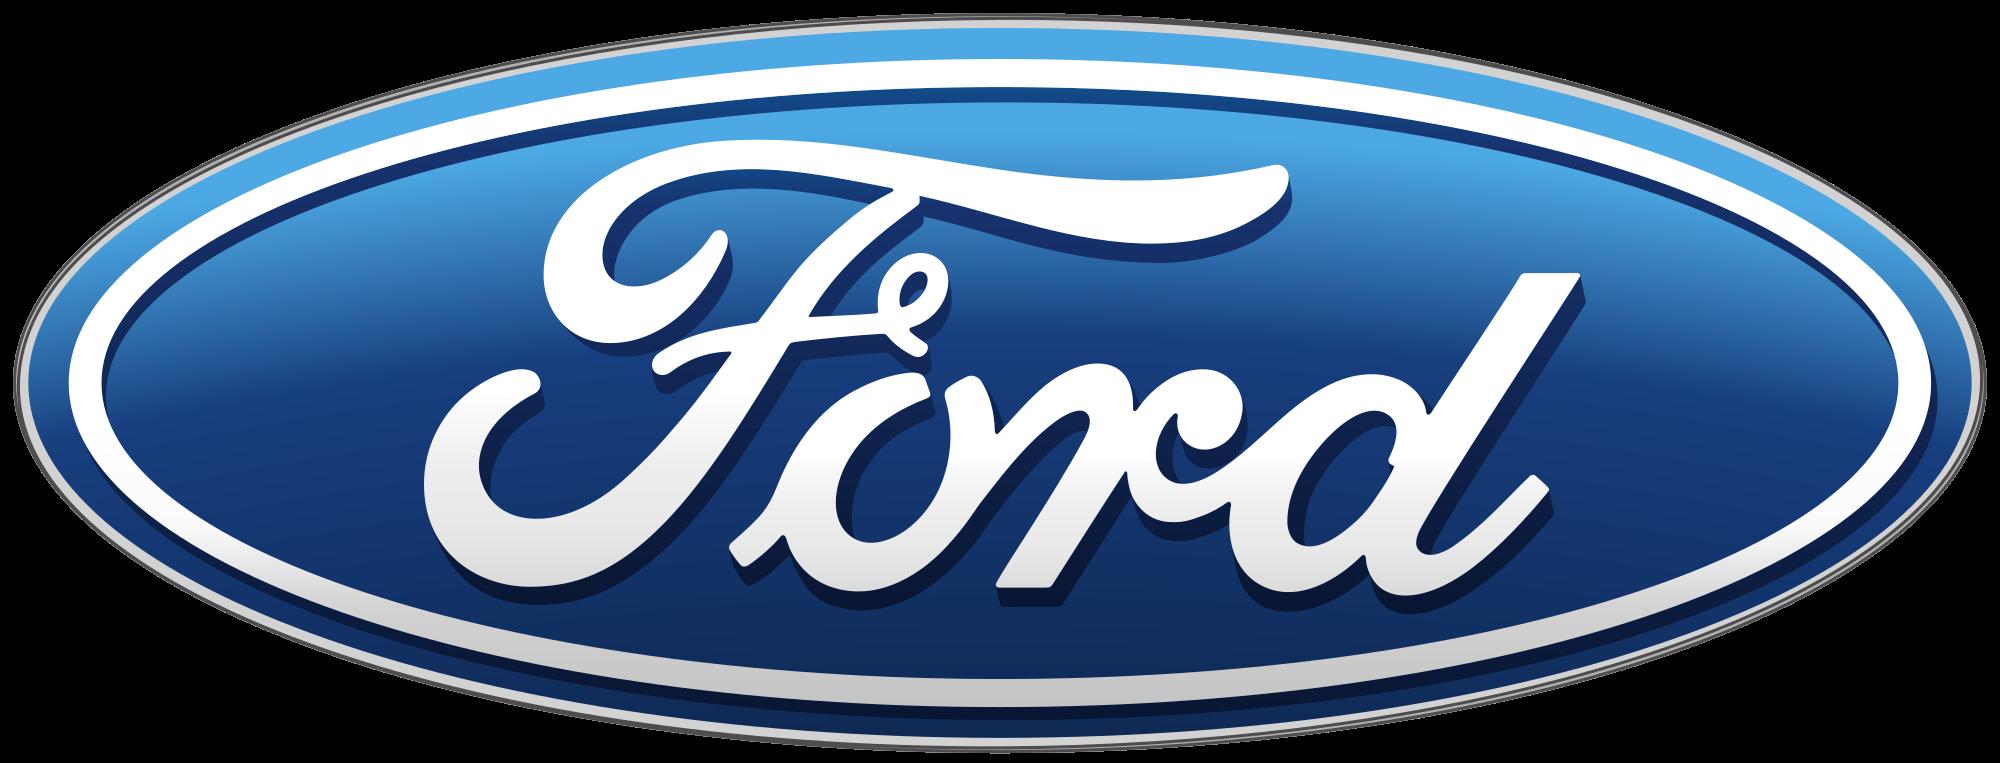 Transportation Company - Ford Motor Company - Automobiles